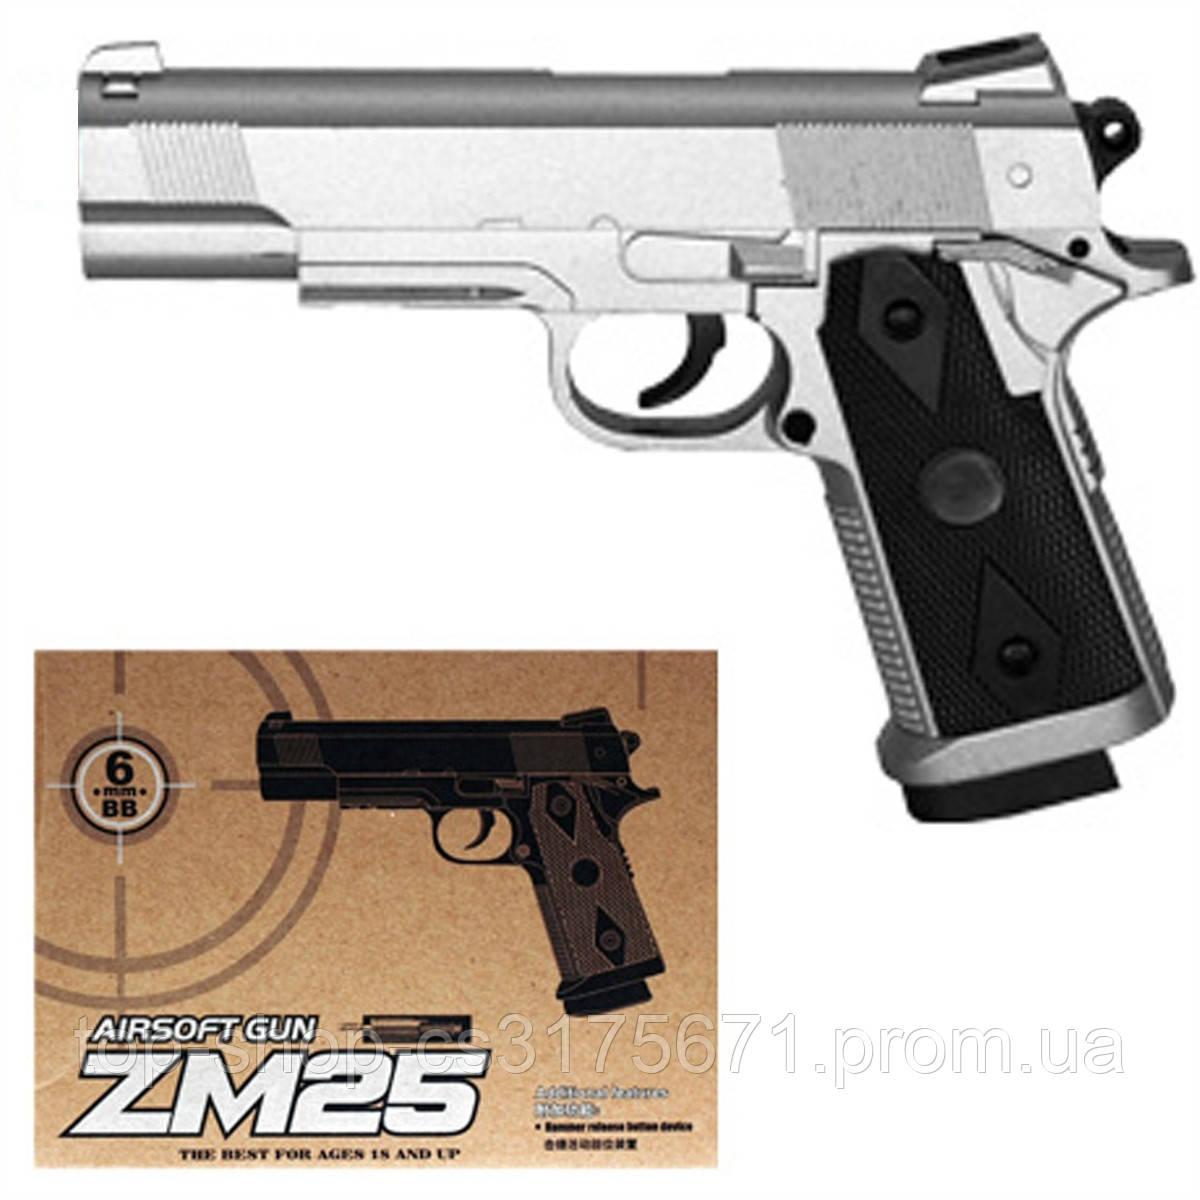 Детский пистолет метал на пульках ZM 25